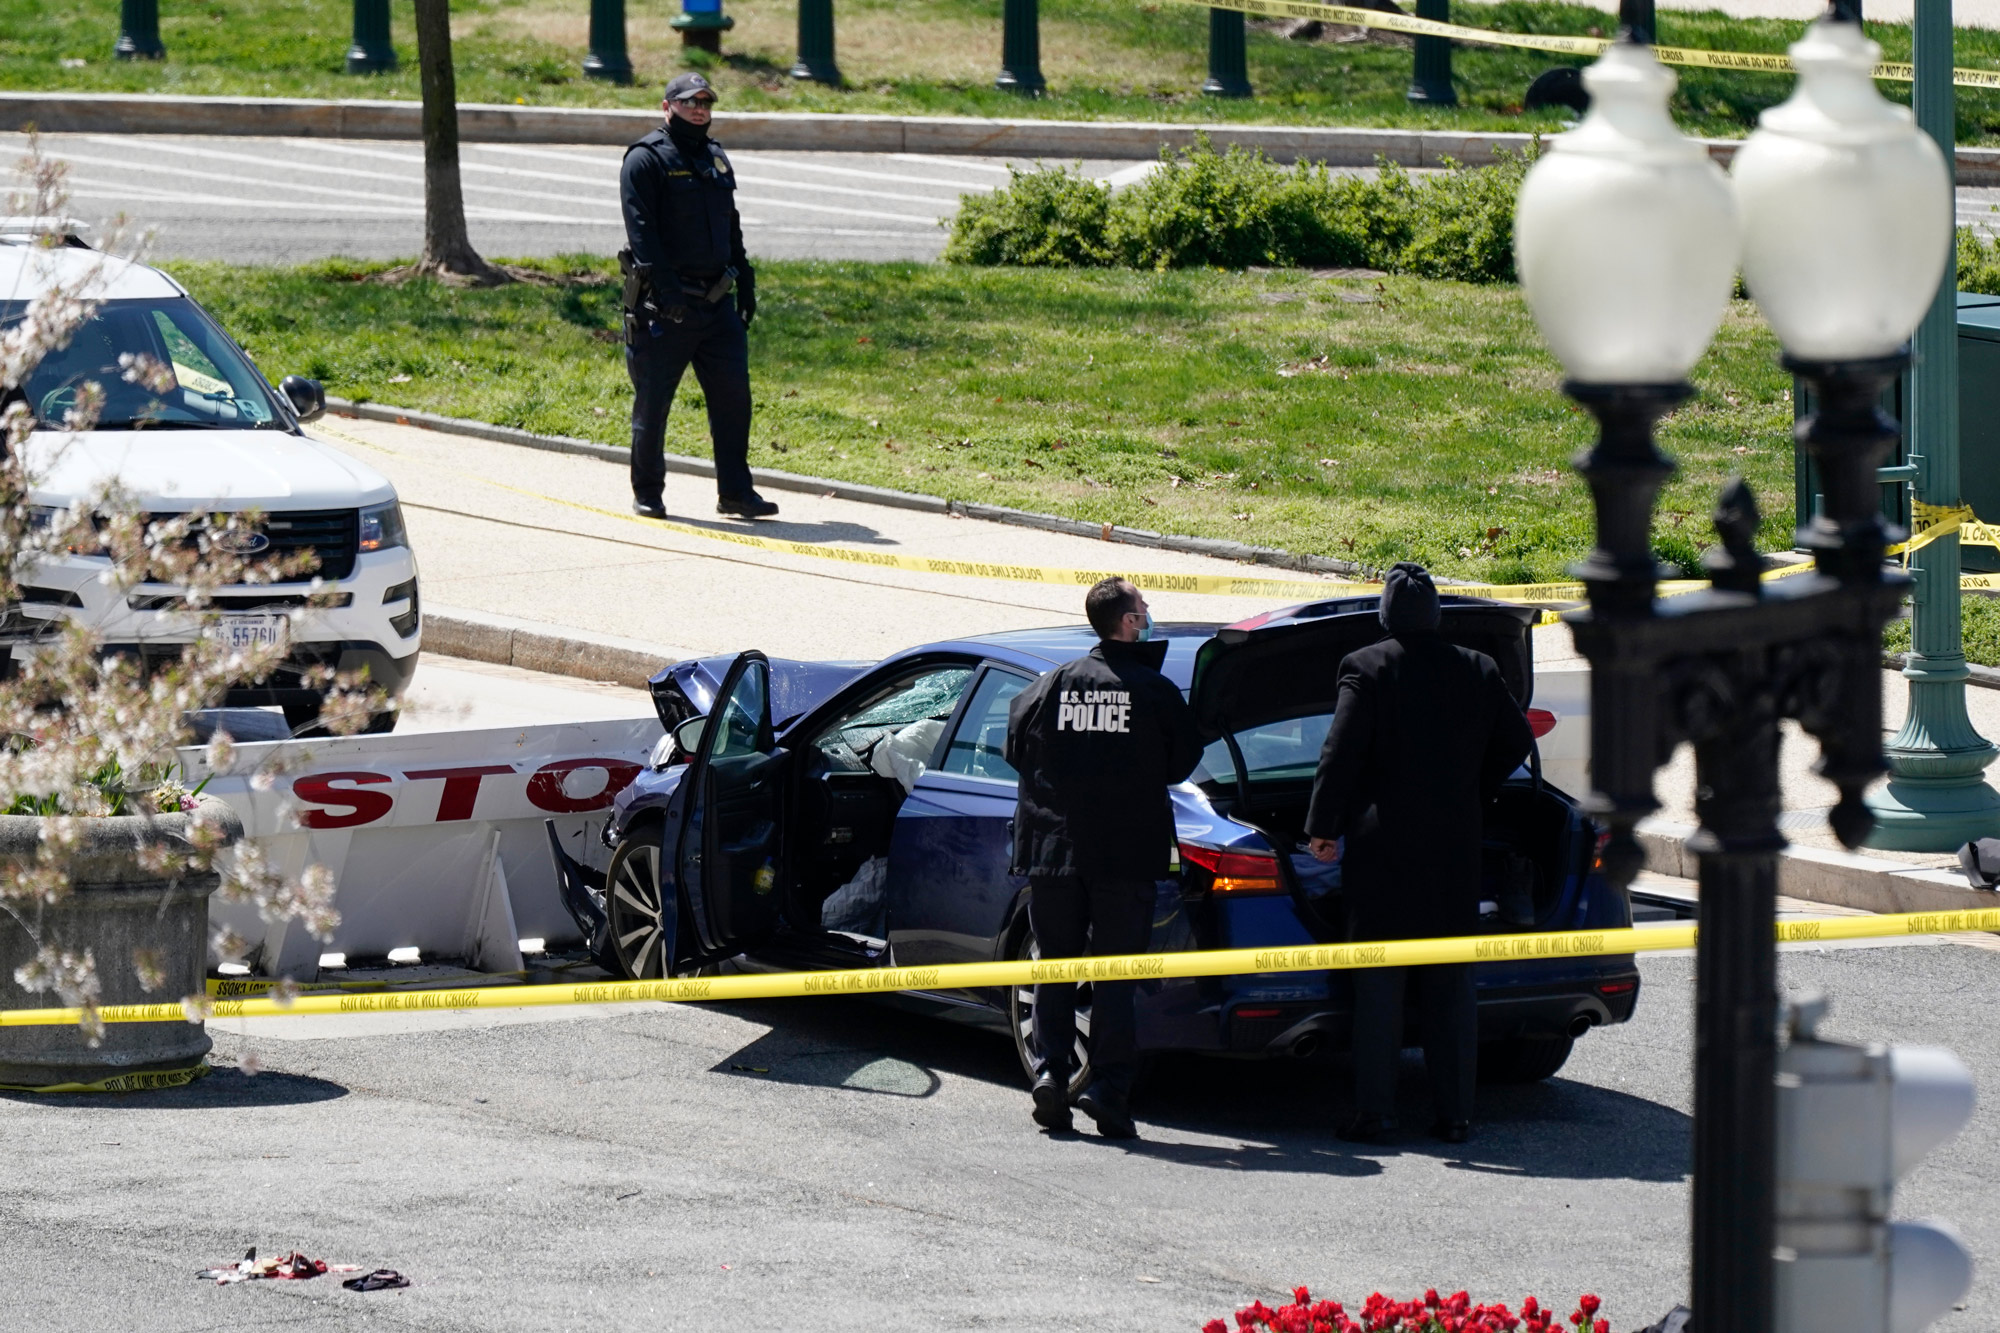 突发!车辆冲撞国会检查站,美国国会大厦紧急封锁!